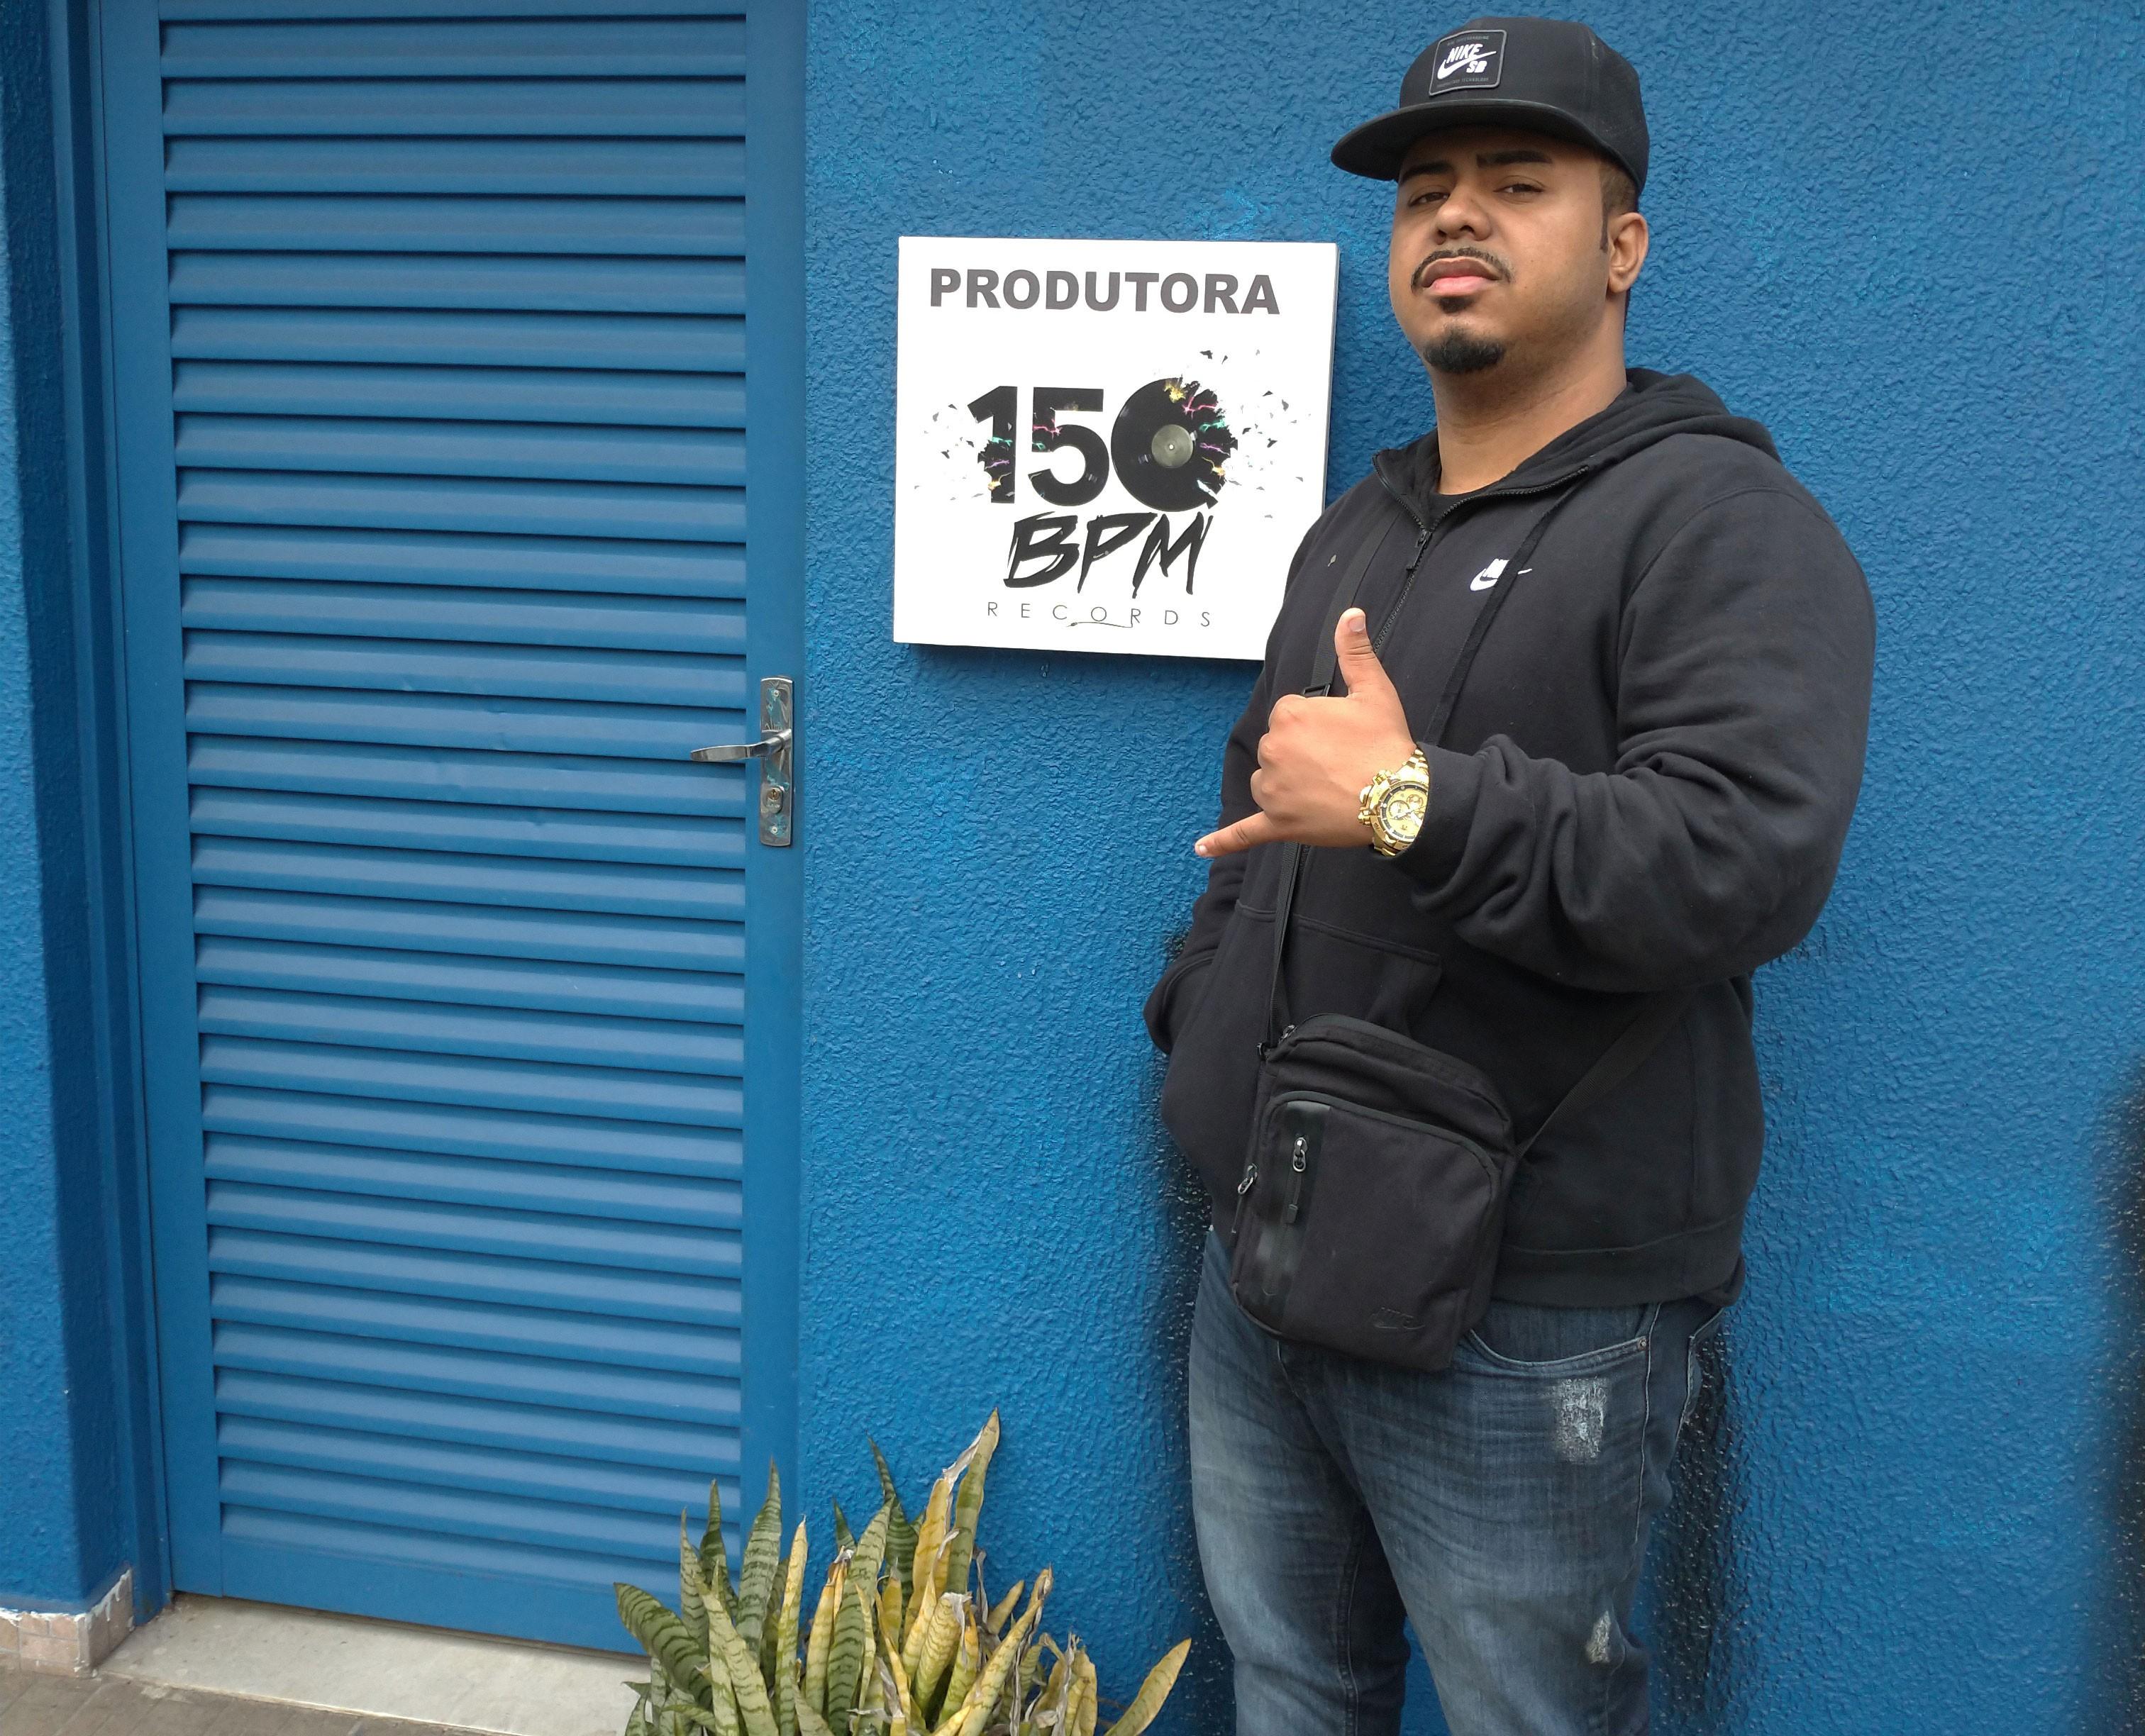 Ponte aérea do funk: Criador do ritmo 150 bpm no Rio, DJ Polyvox monta produtora no centro de SP - Notícias - Plantão Diário